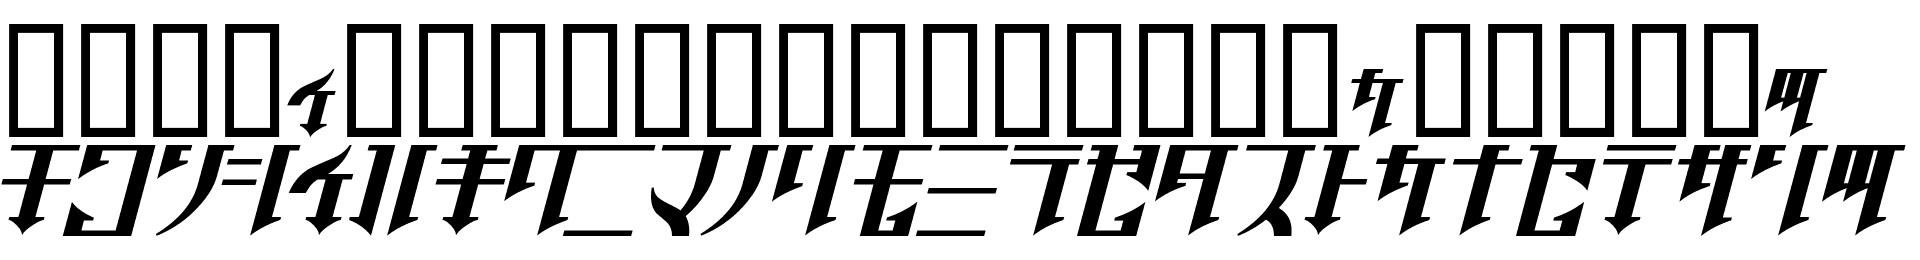 Golgotha Oblique J.